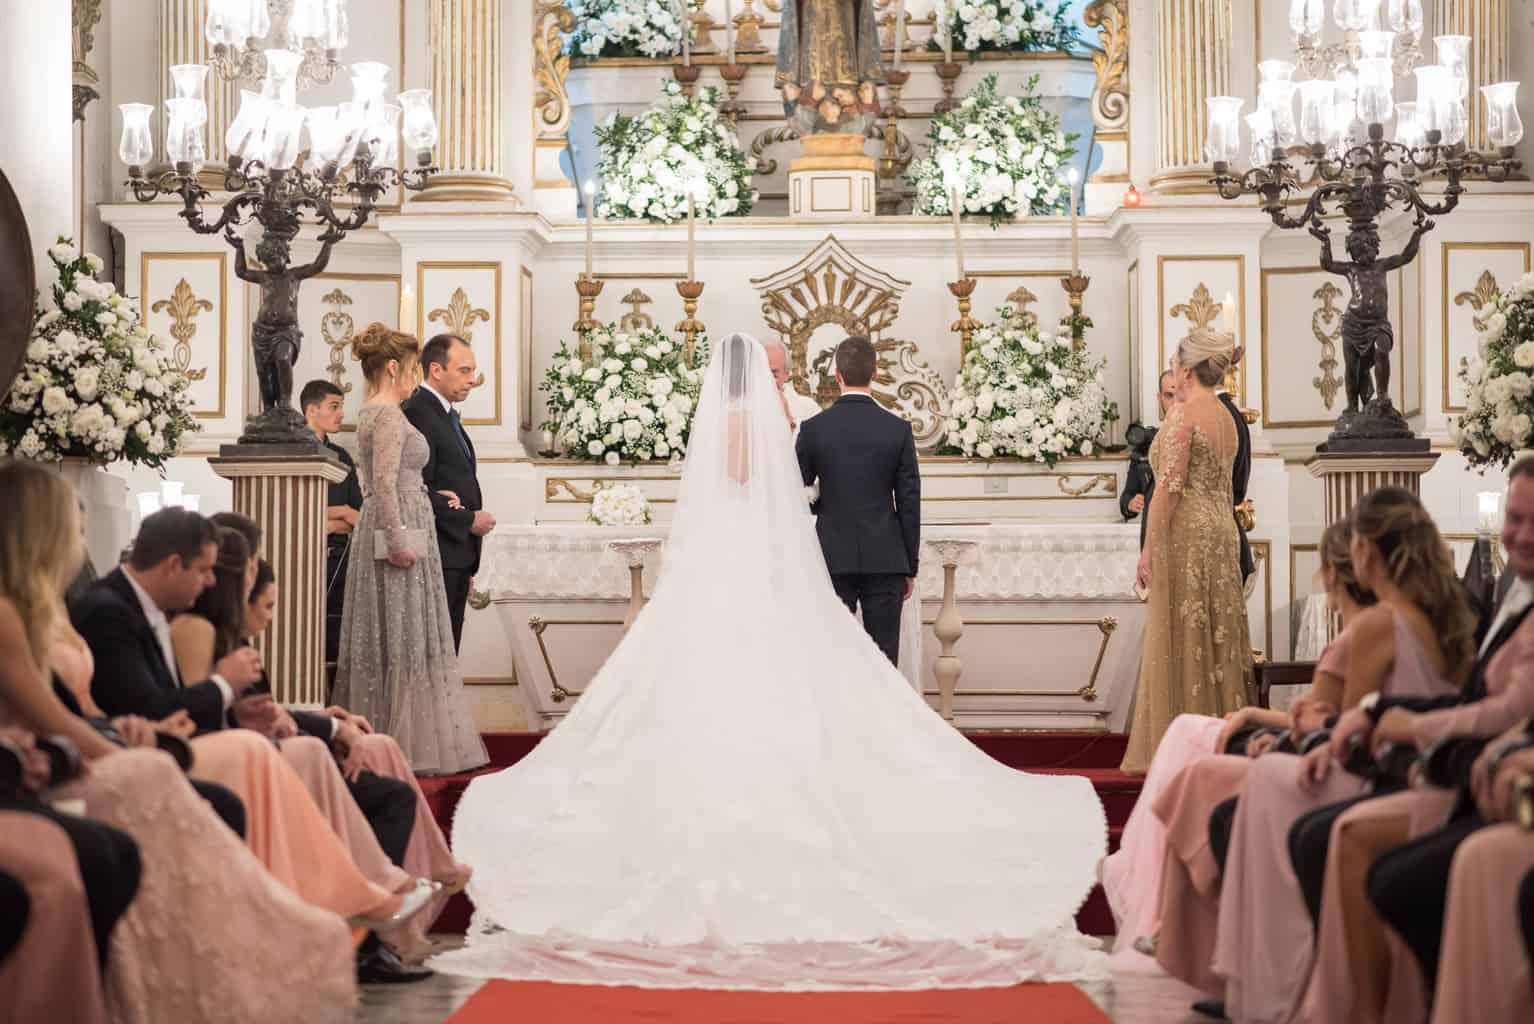 casamento-Patricia-e-Thiago-Igreja-Nossa-Senhora-do-Bonsucesso-Paula-Rocha-Marina-Fava-Cerimonia0789-Patricia-e-Thiago-WAL_3759